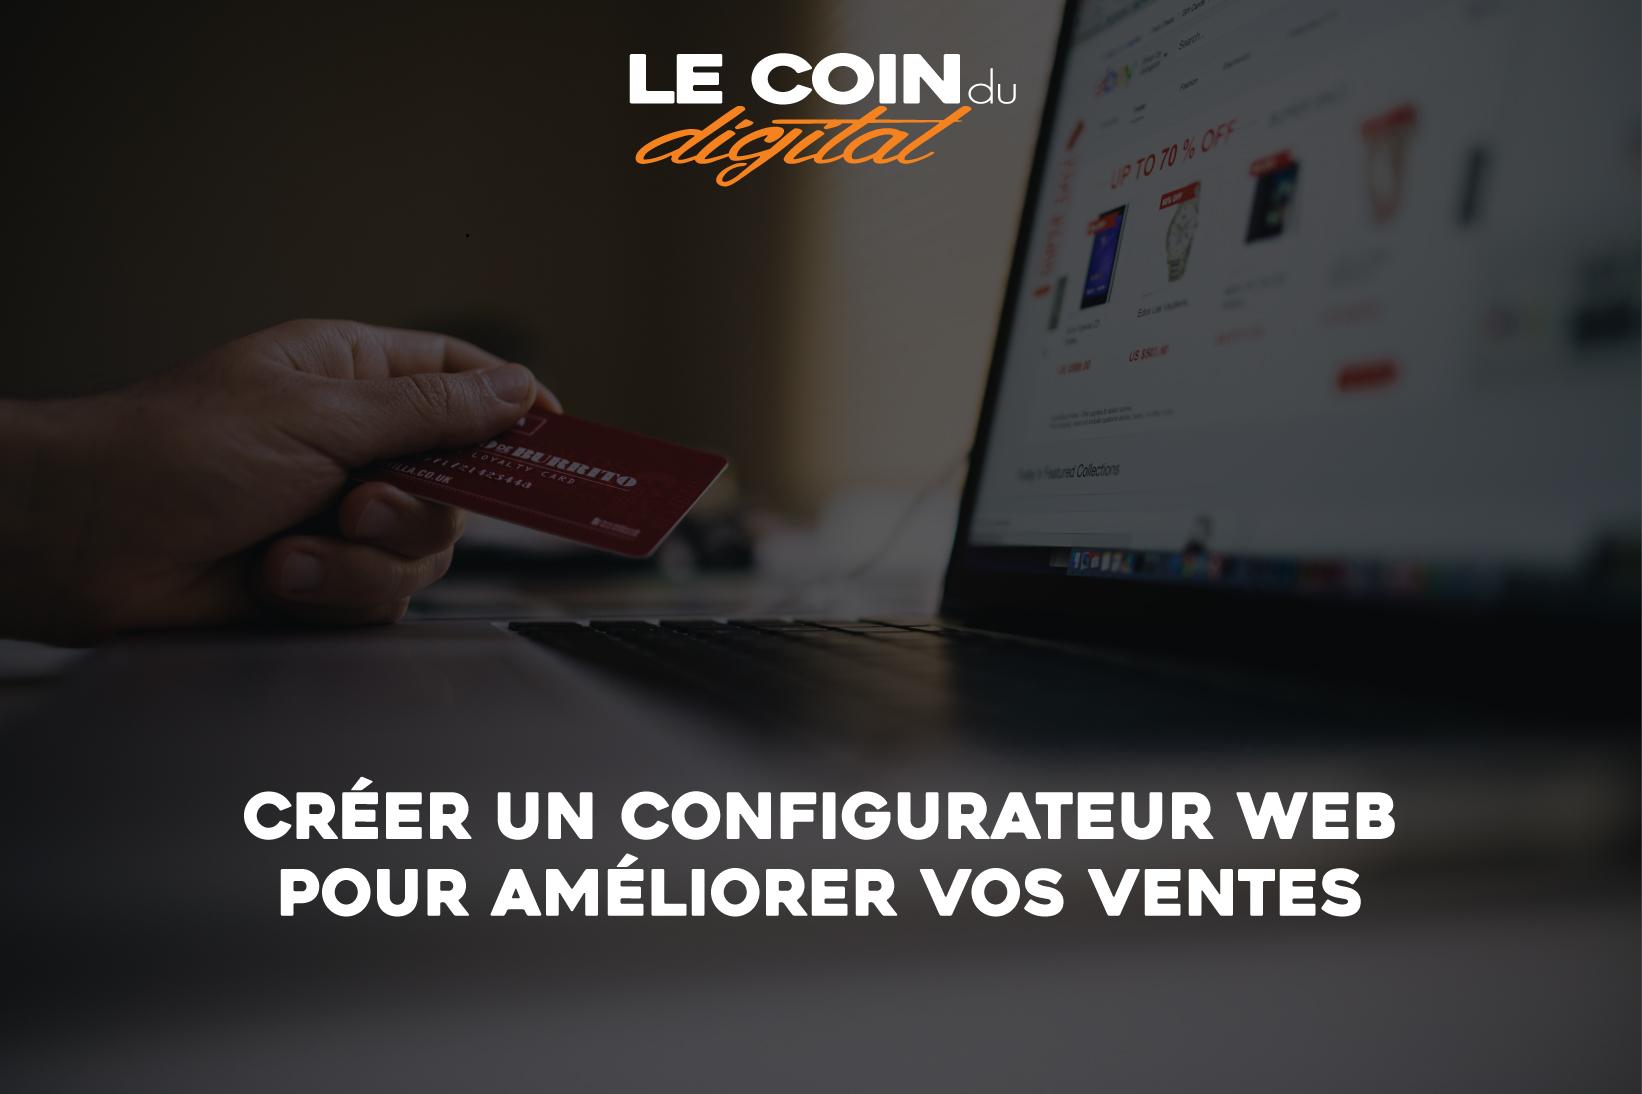 Créer un Configurateur sur votre site web pour améliorer vos ventes